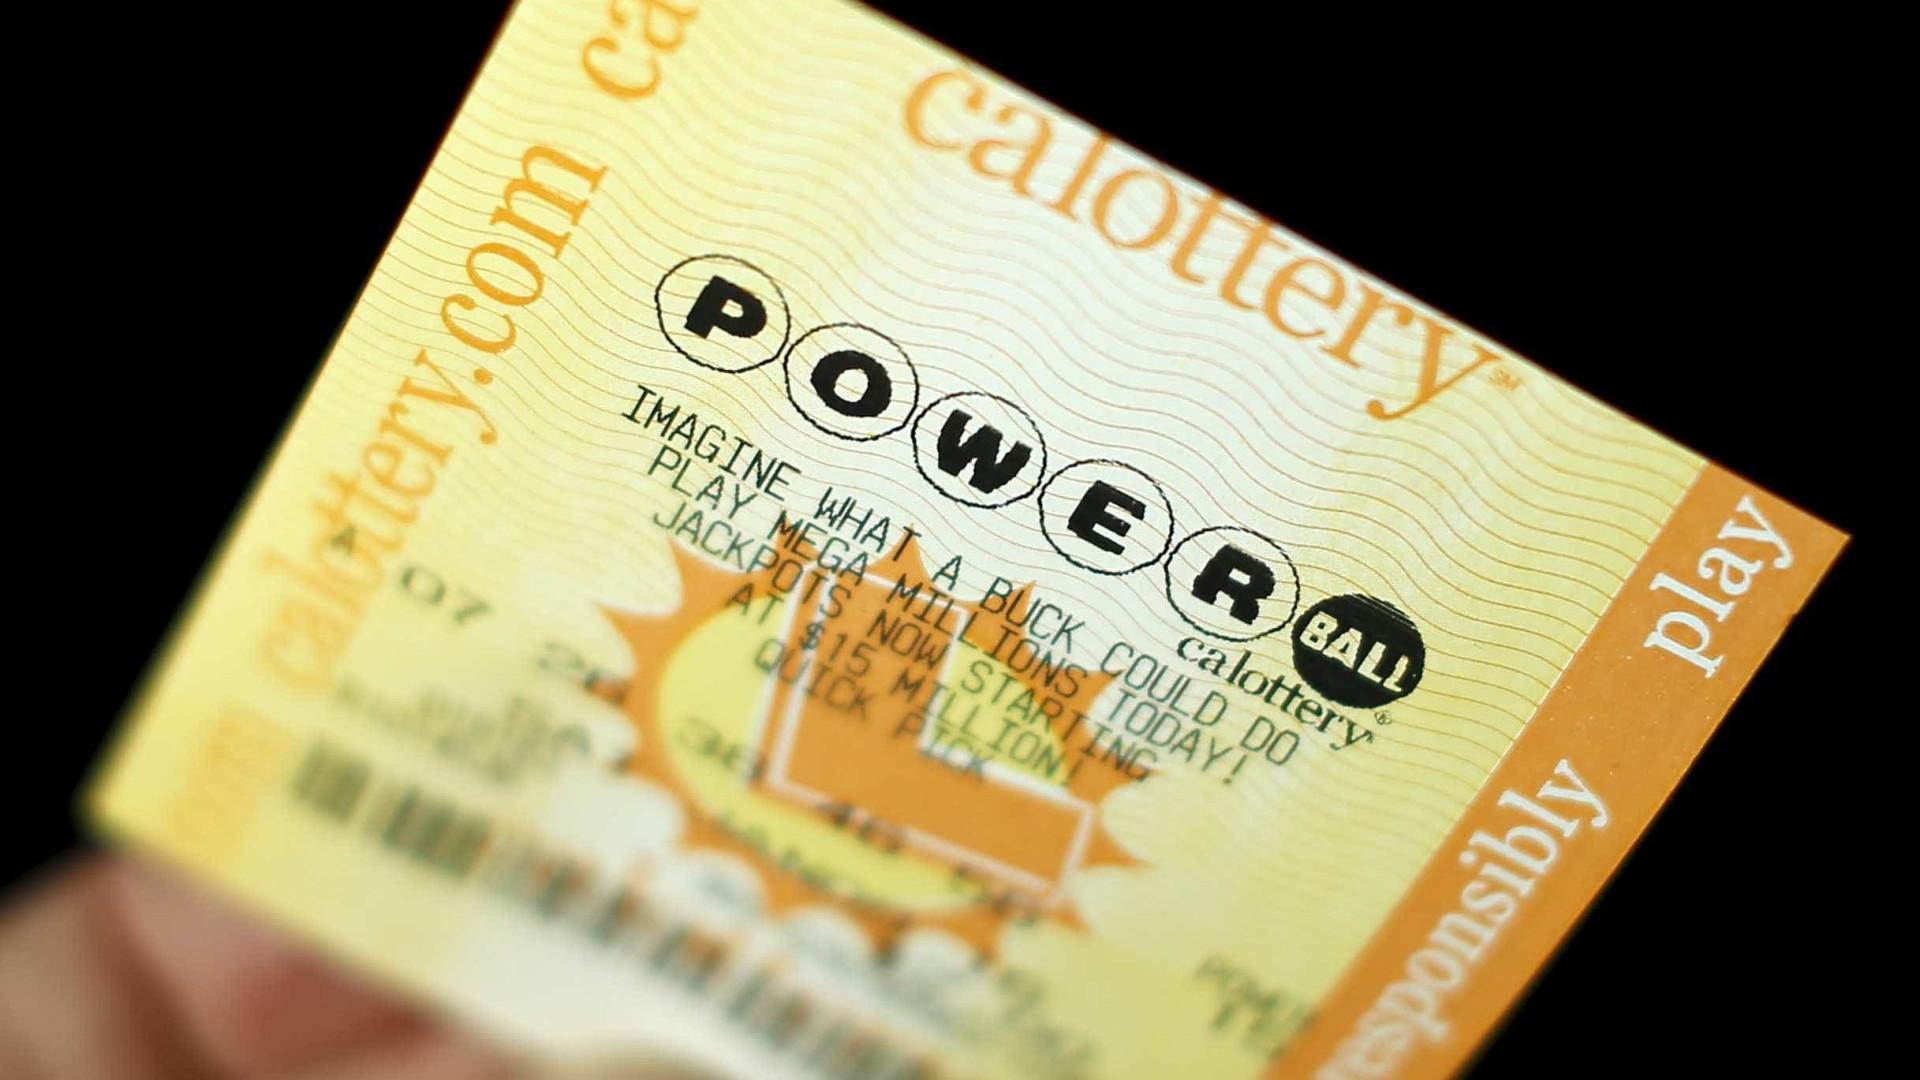 Ganhou prémio de 453 milhões e processa lotaria para não ser conhecida